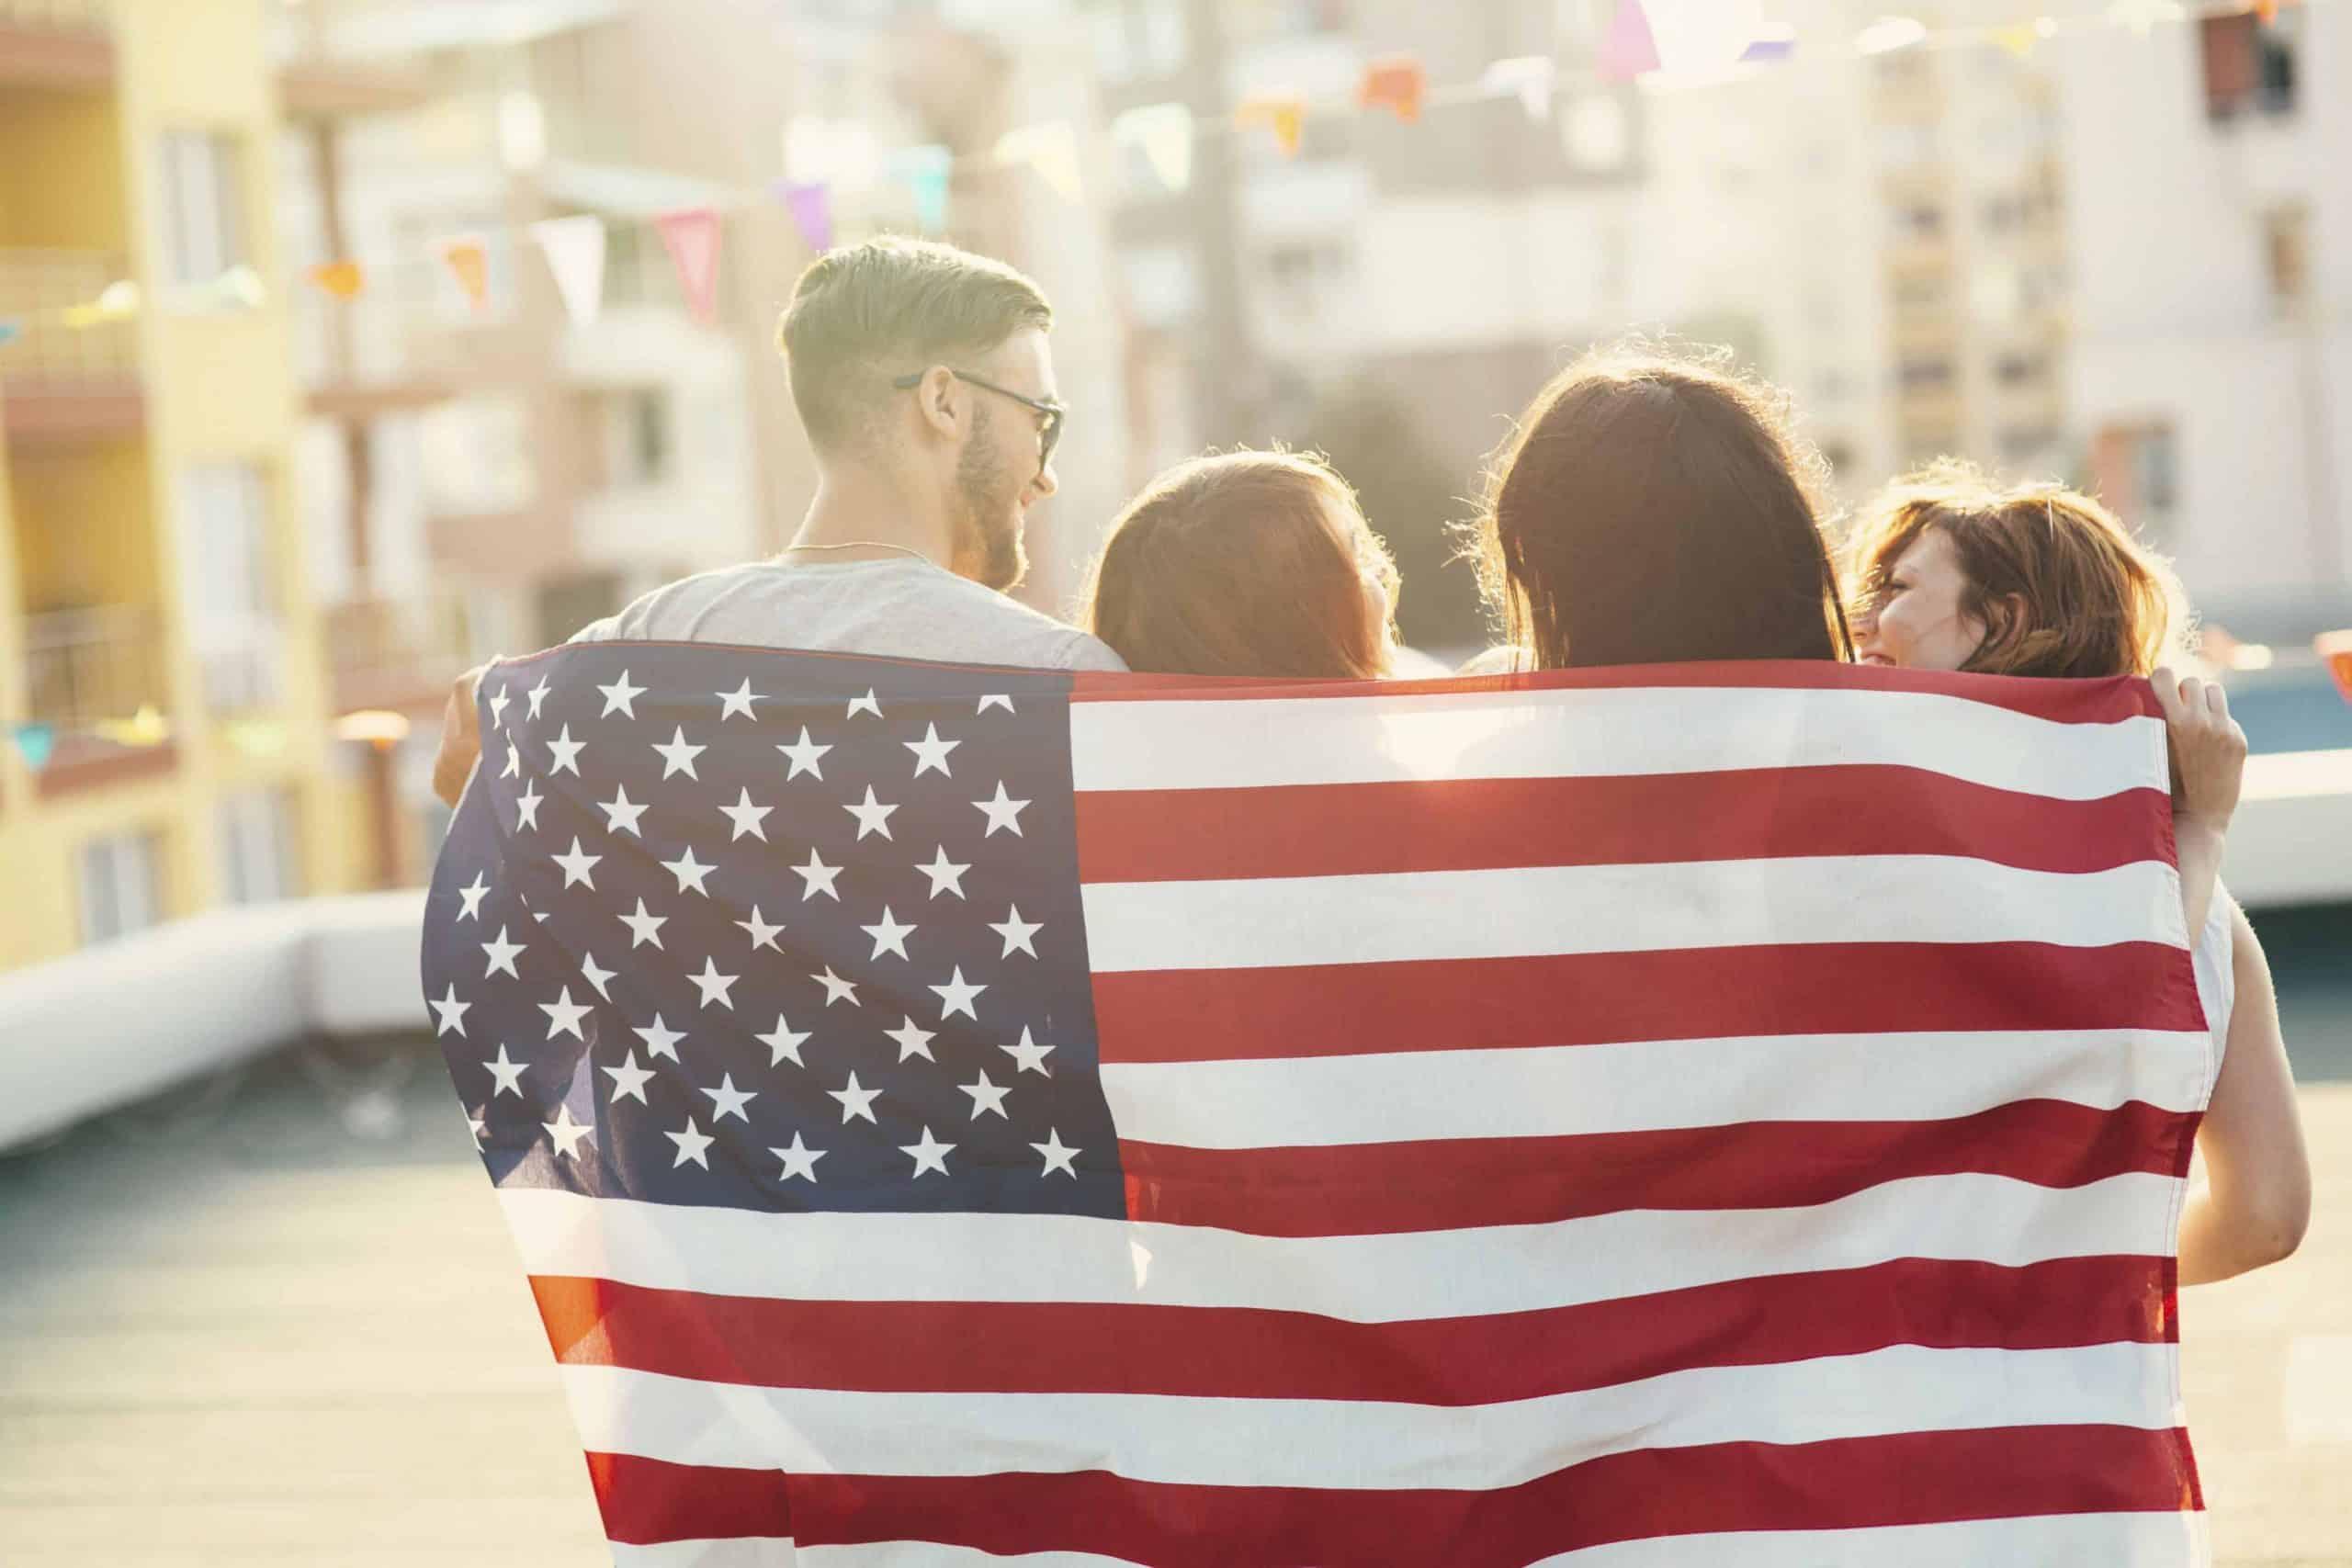 Det amerikanske flag - USA - Risskov Rejser